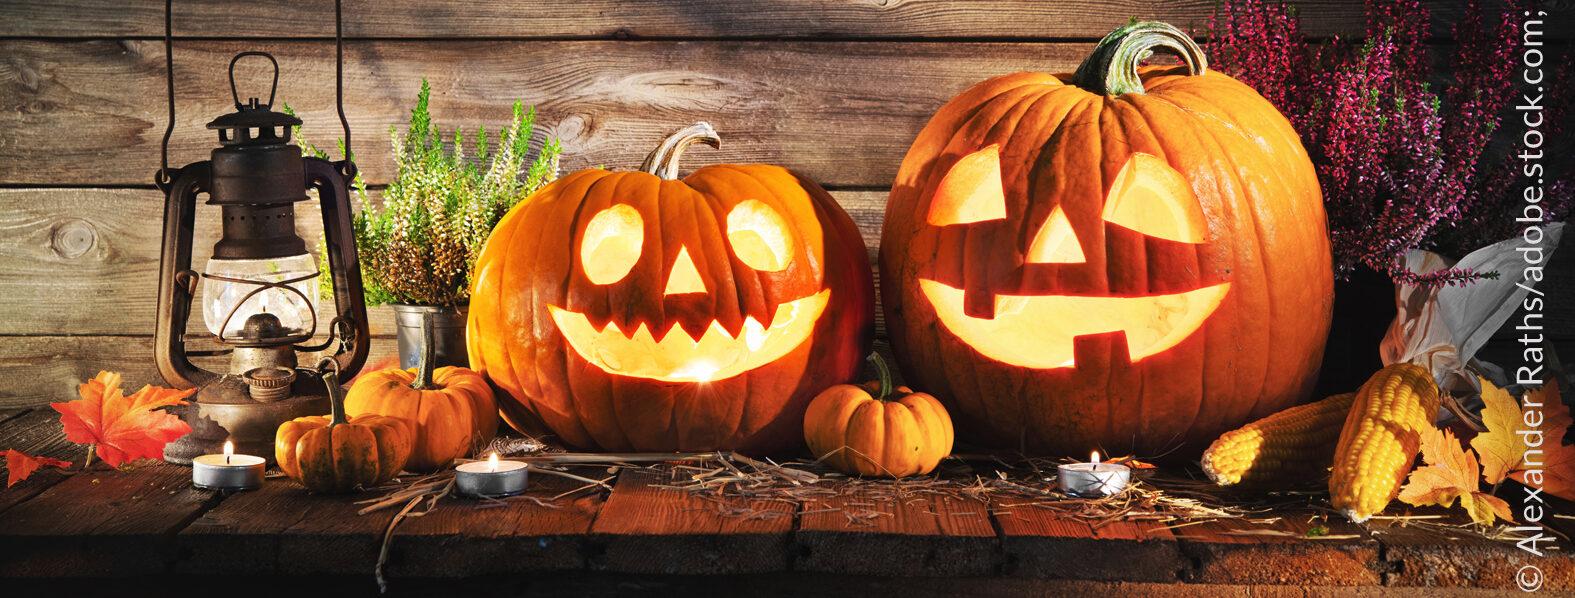 """Am 31. Oktober ist wieder """"Halloween"""". Vor allem Kinder erleuchten die länger werdenden Nächte mit Lampions oder mit von Kerzenschein erhellten ausgeschnitzten Kürbissen und gehen auf die Jagd nach Süßigkeiten wie Bonbons, Fruchtgummis und Schokolade."""